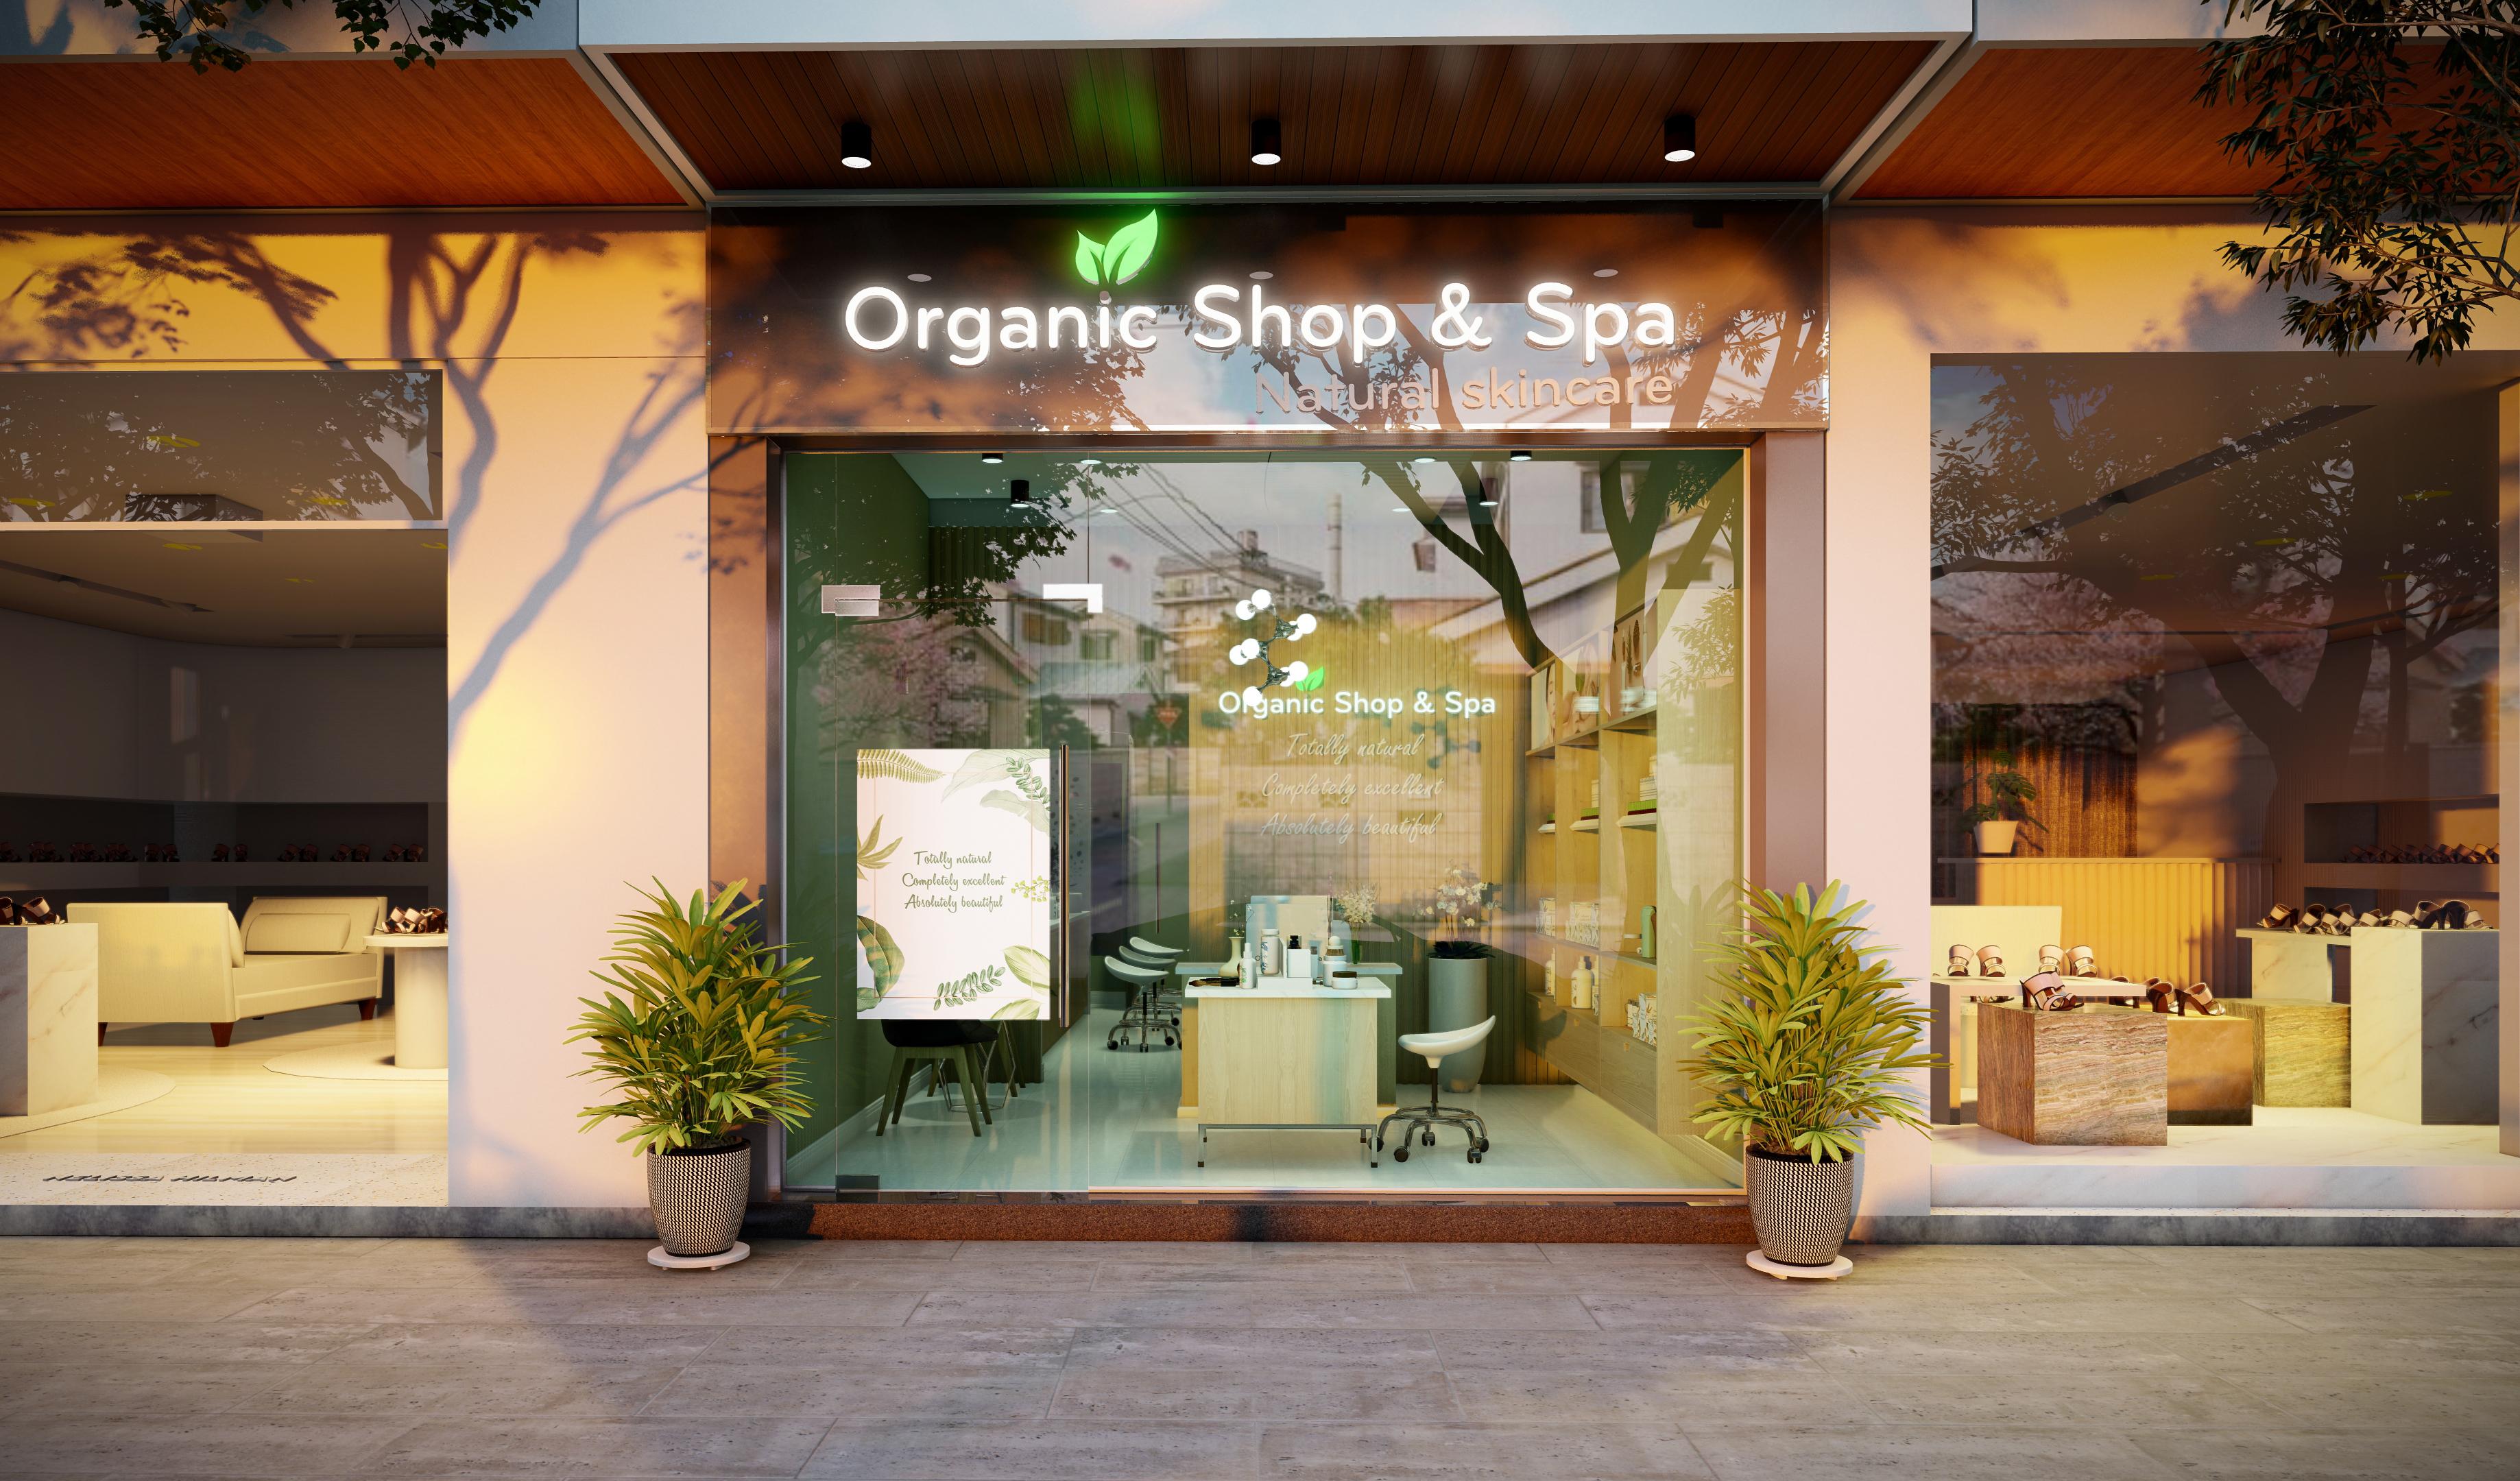 Thiết kế nội thất Spa tại Hồ Chí Minh HCM.MRGIANG-SHOP&SPA 1590203840 15